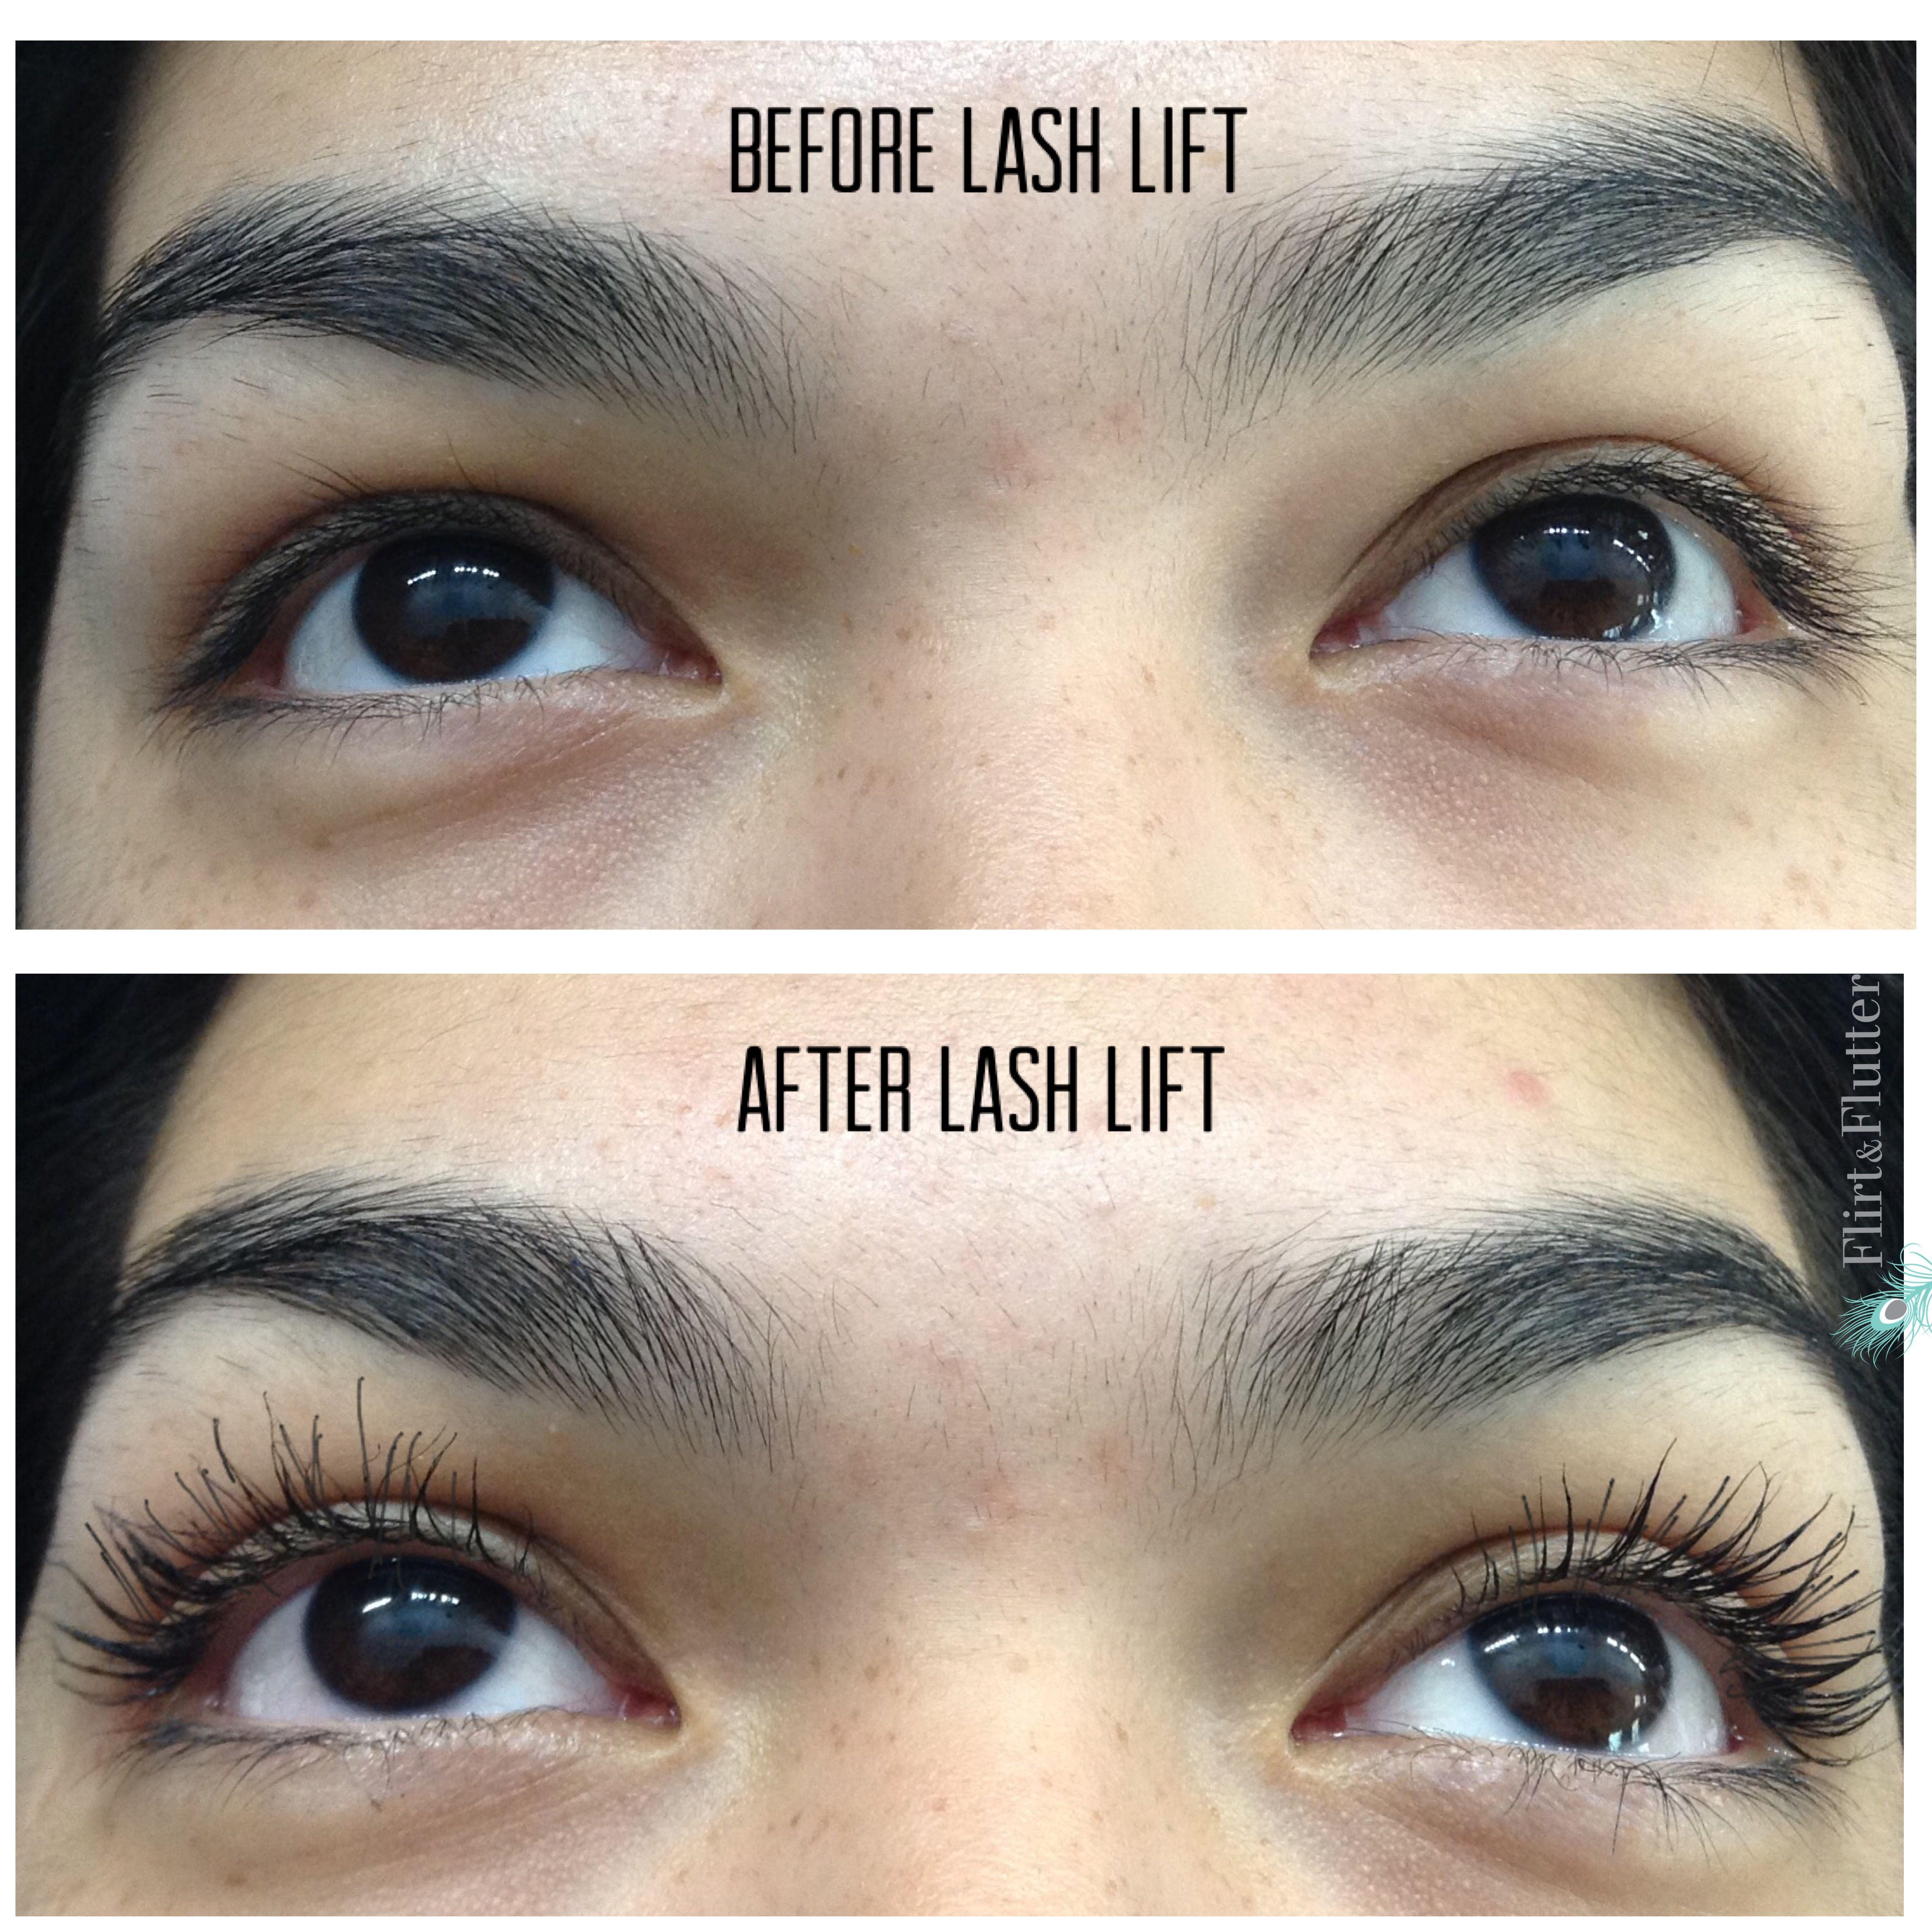 Lash Lift Services & Training by Flirt & Flutter | Lash Lift